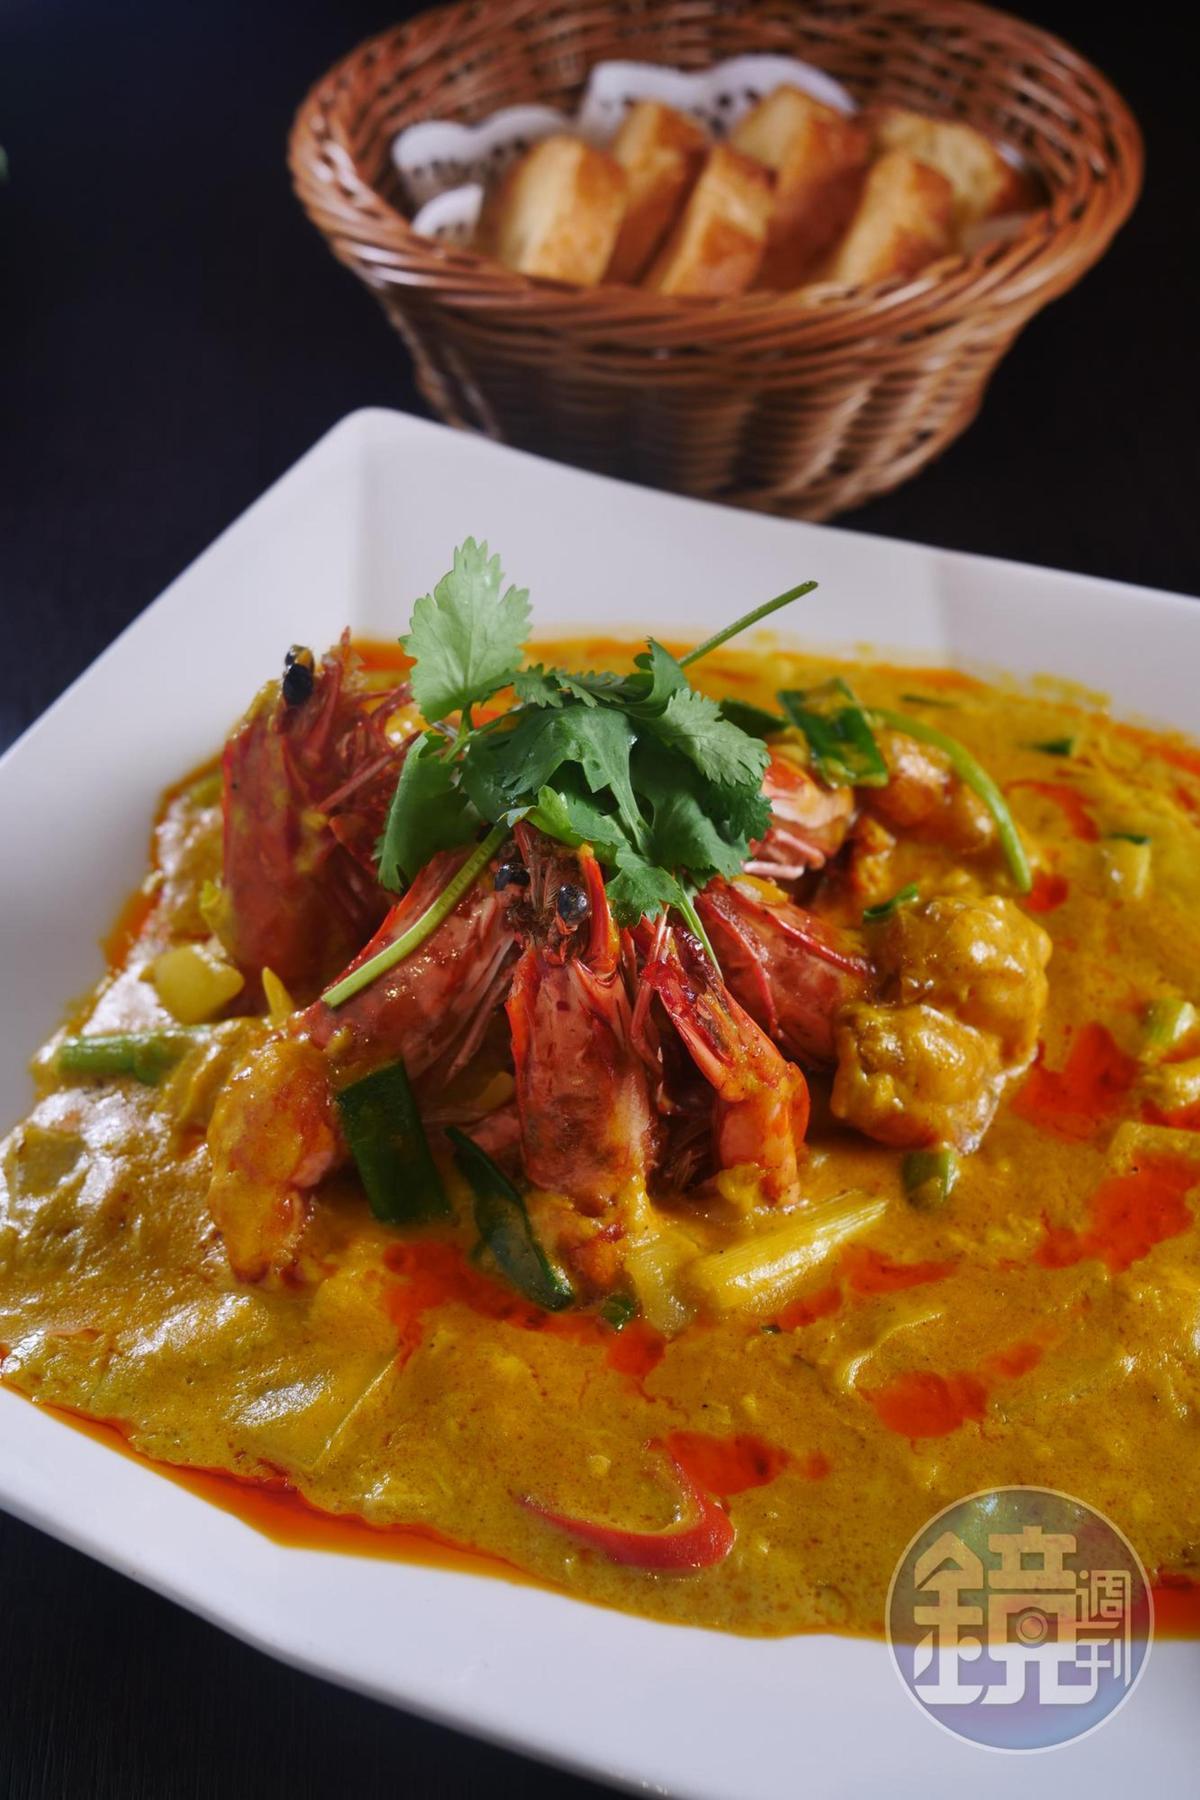 古華薈的「皇室咖哩大蝦」,特色是洋蔥完全炒出甜味,加上咖哩、薑黃、椰奶等佐料,配法國麵包吃最好。(620元/份)